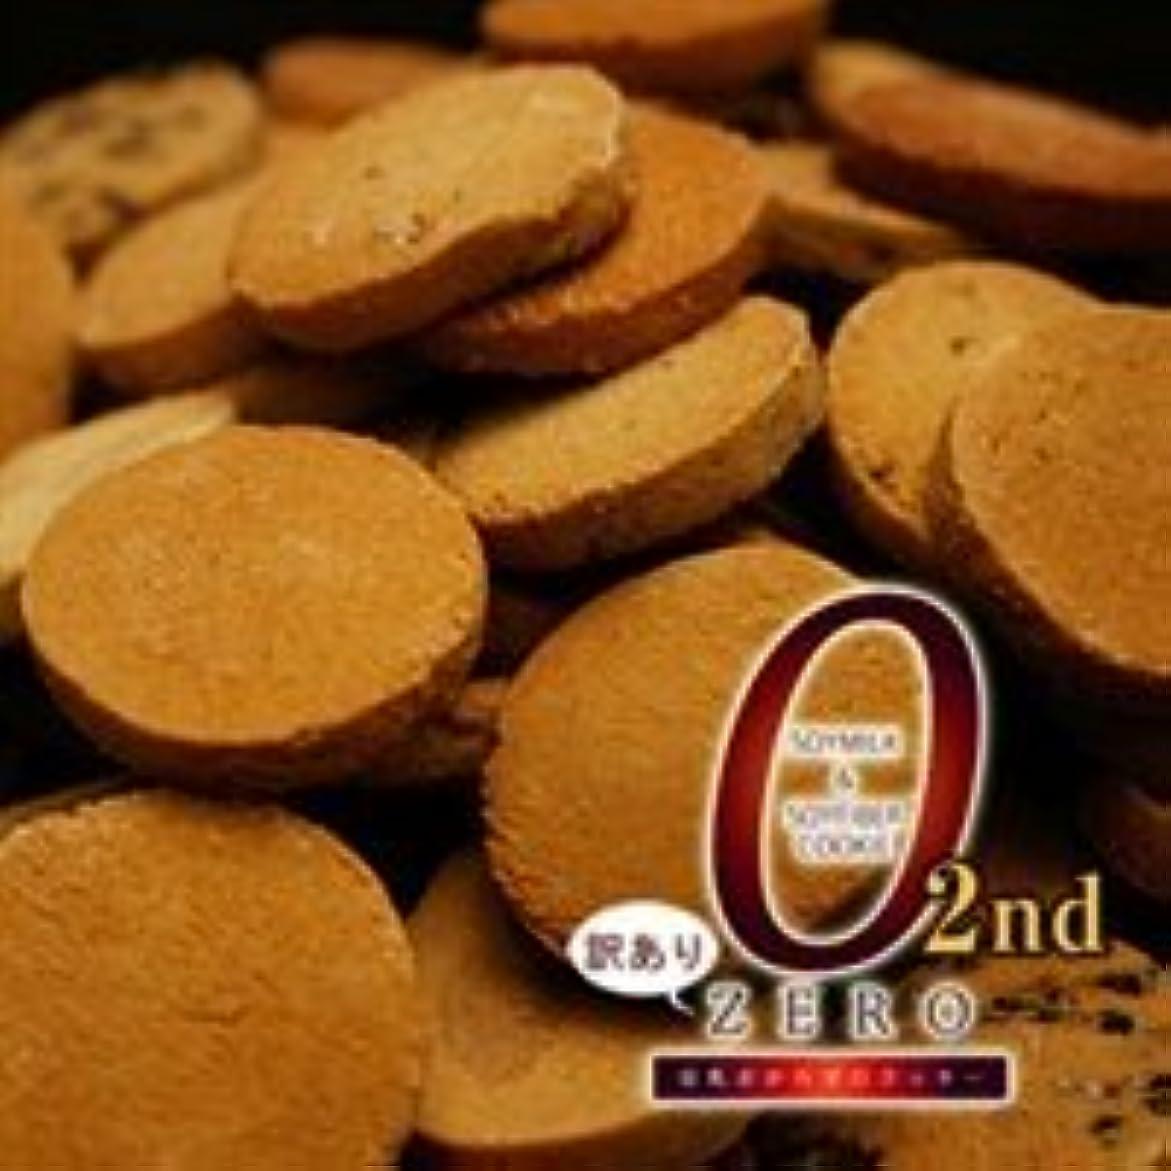 ゴネリルロッドスーツケース蒲屋忠兵衛商店 訳あり豆乳おからゼロクッキー 2nd 1kg(250g×4袋)